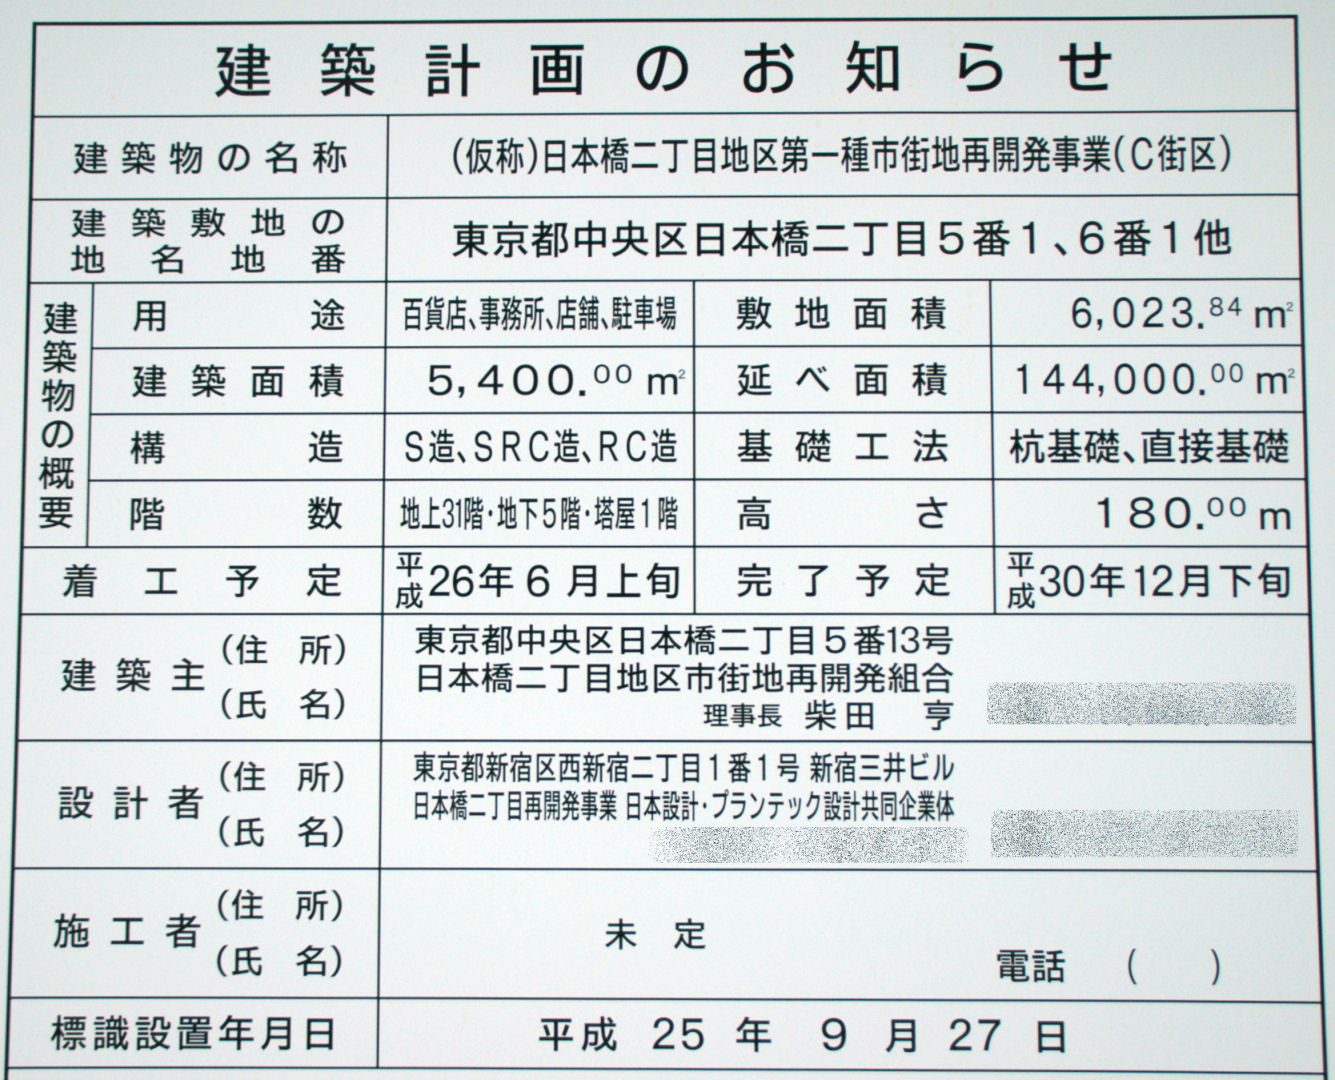 nihonbashi2c0155.jpg